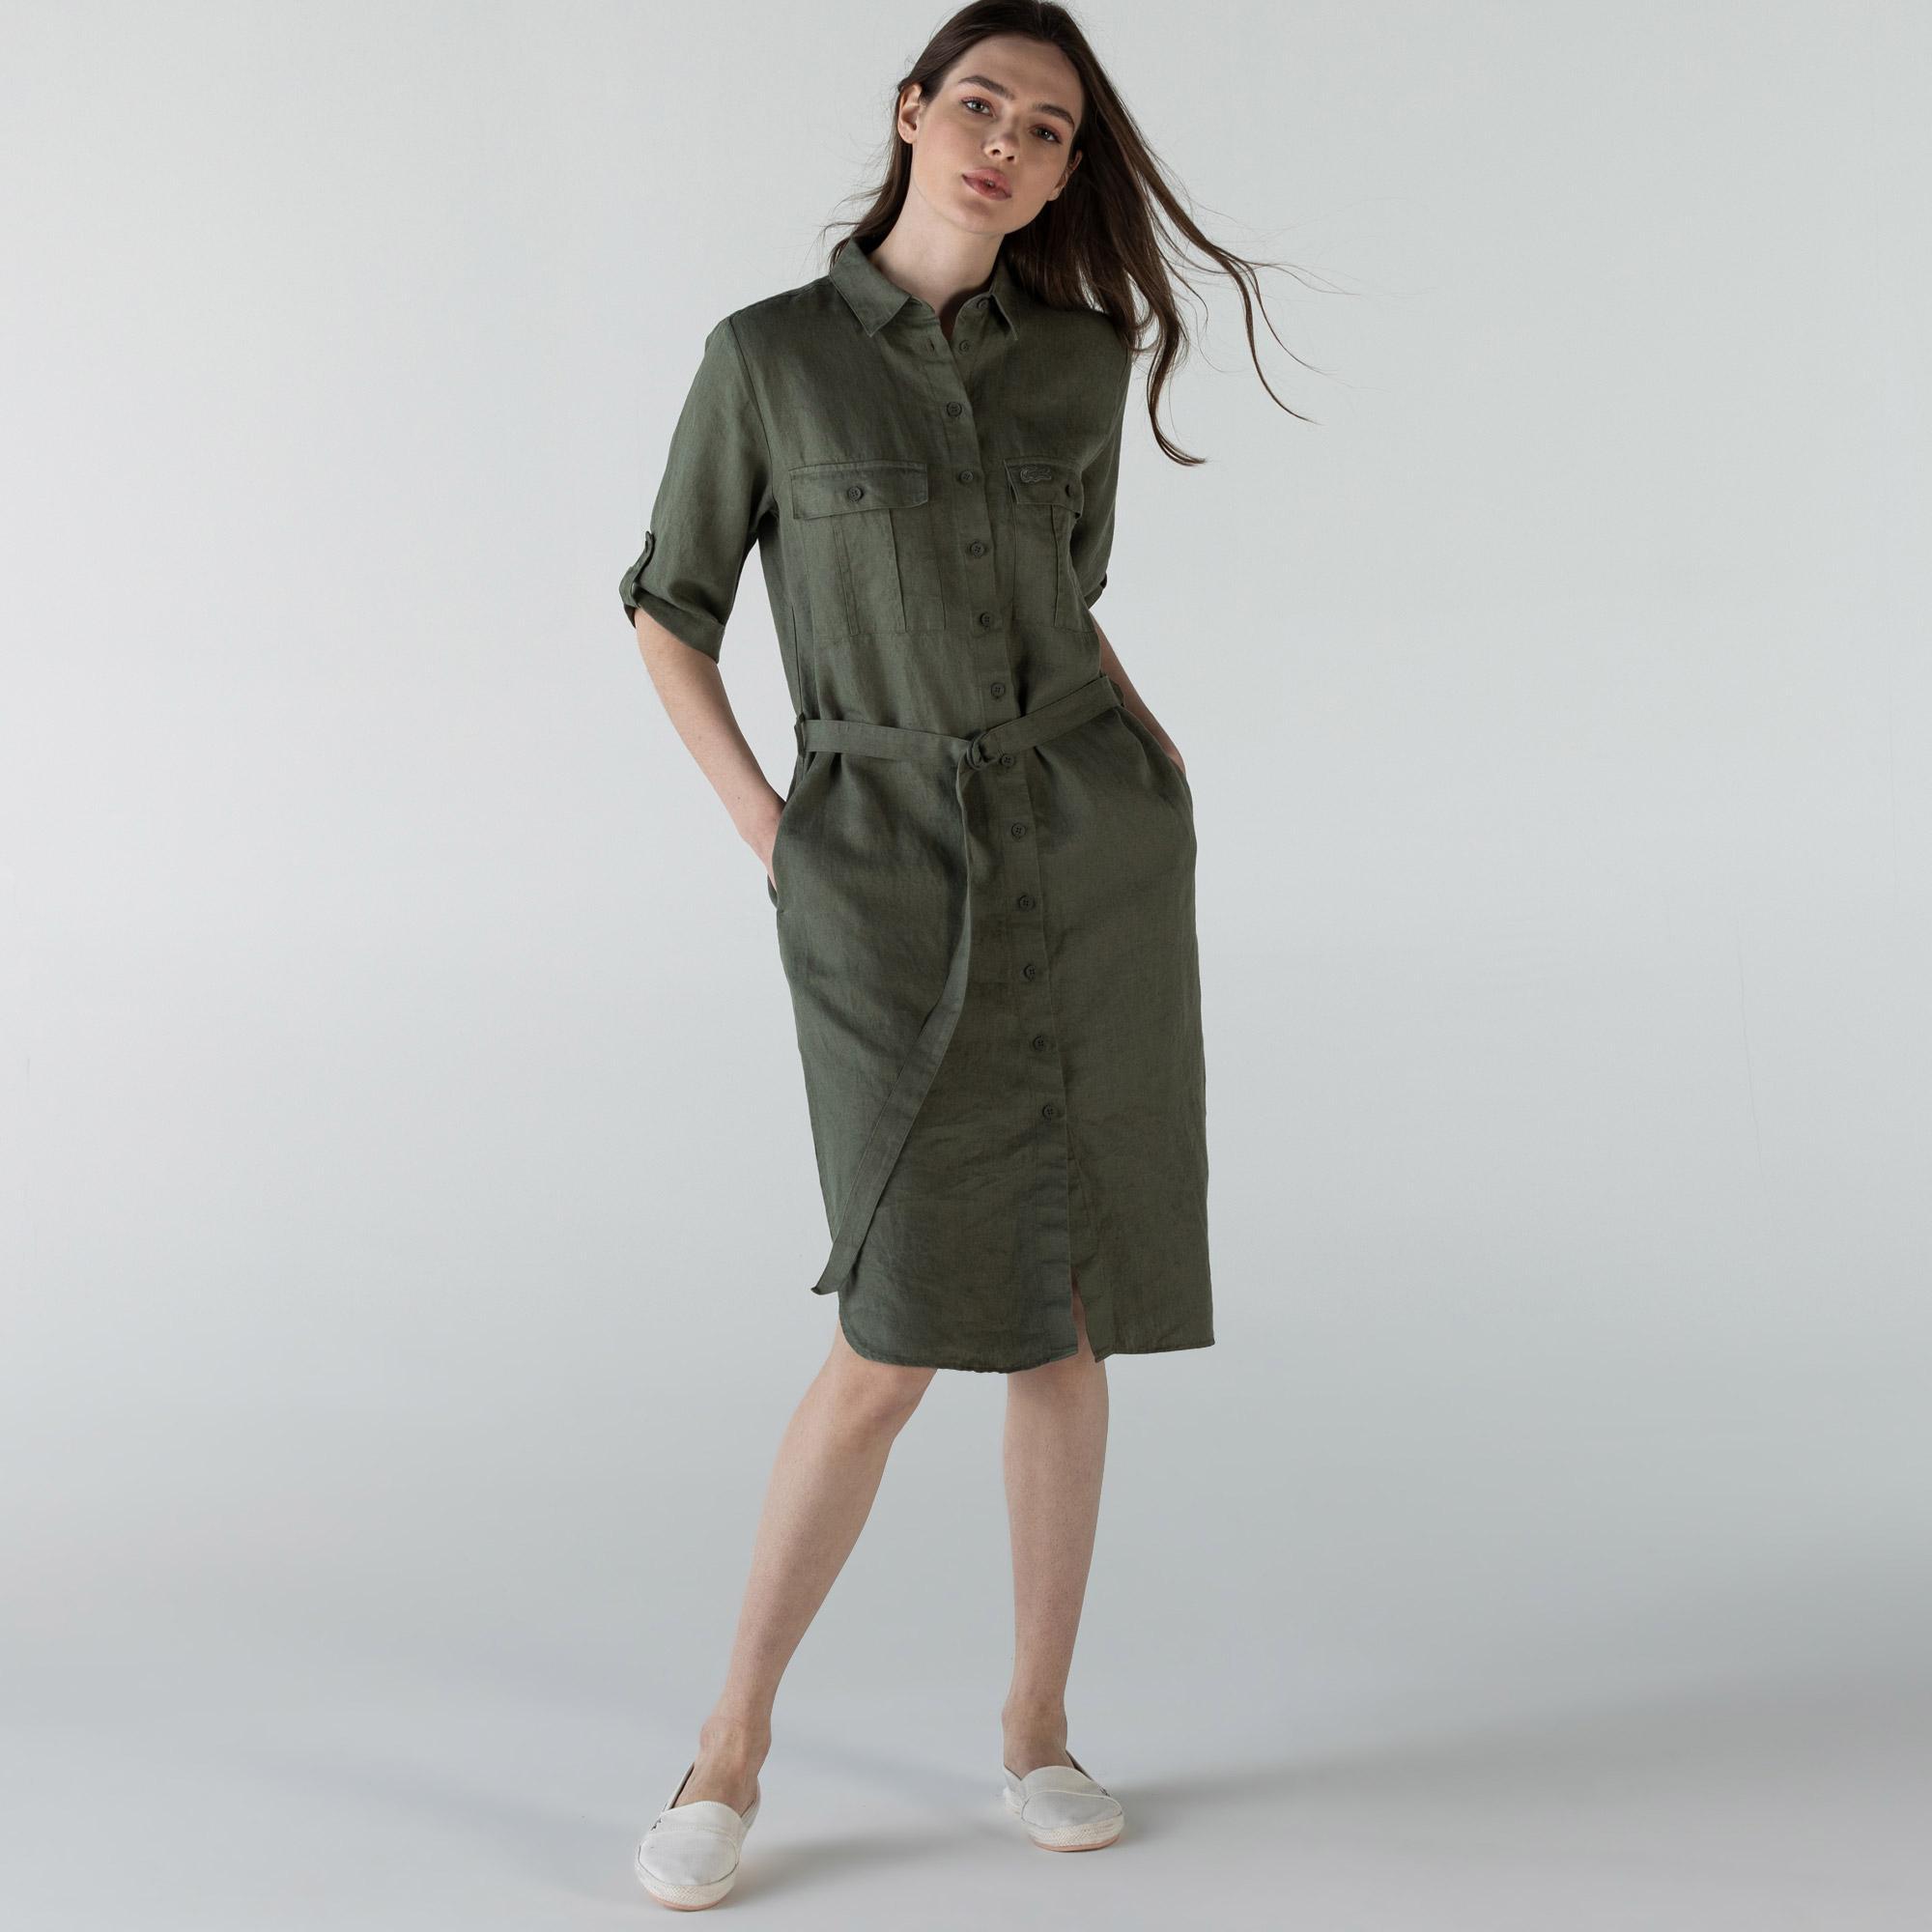 Lacoste Kadın Kısa Kollu Gömlek Yaka Haki Elbise